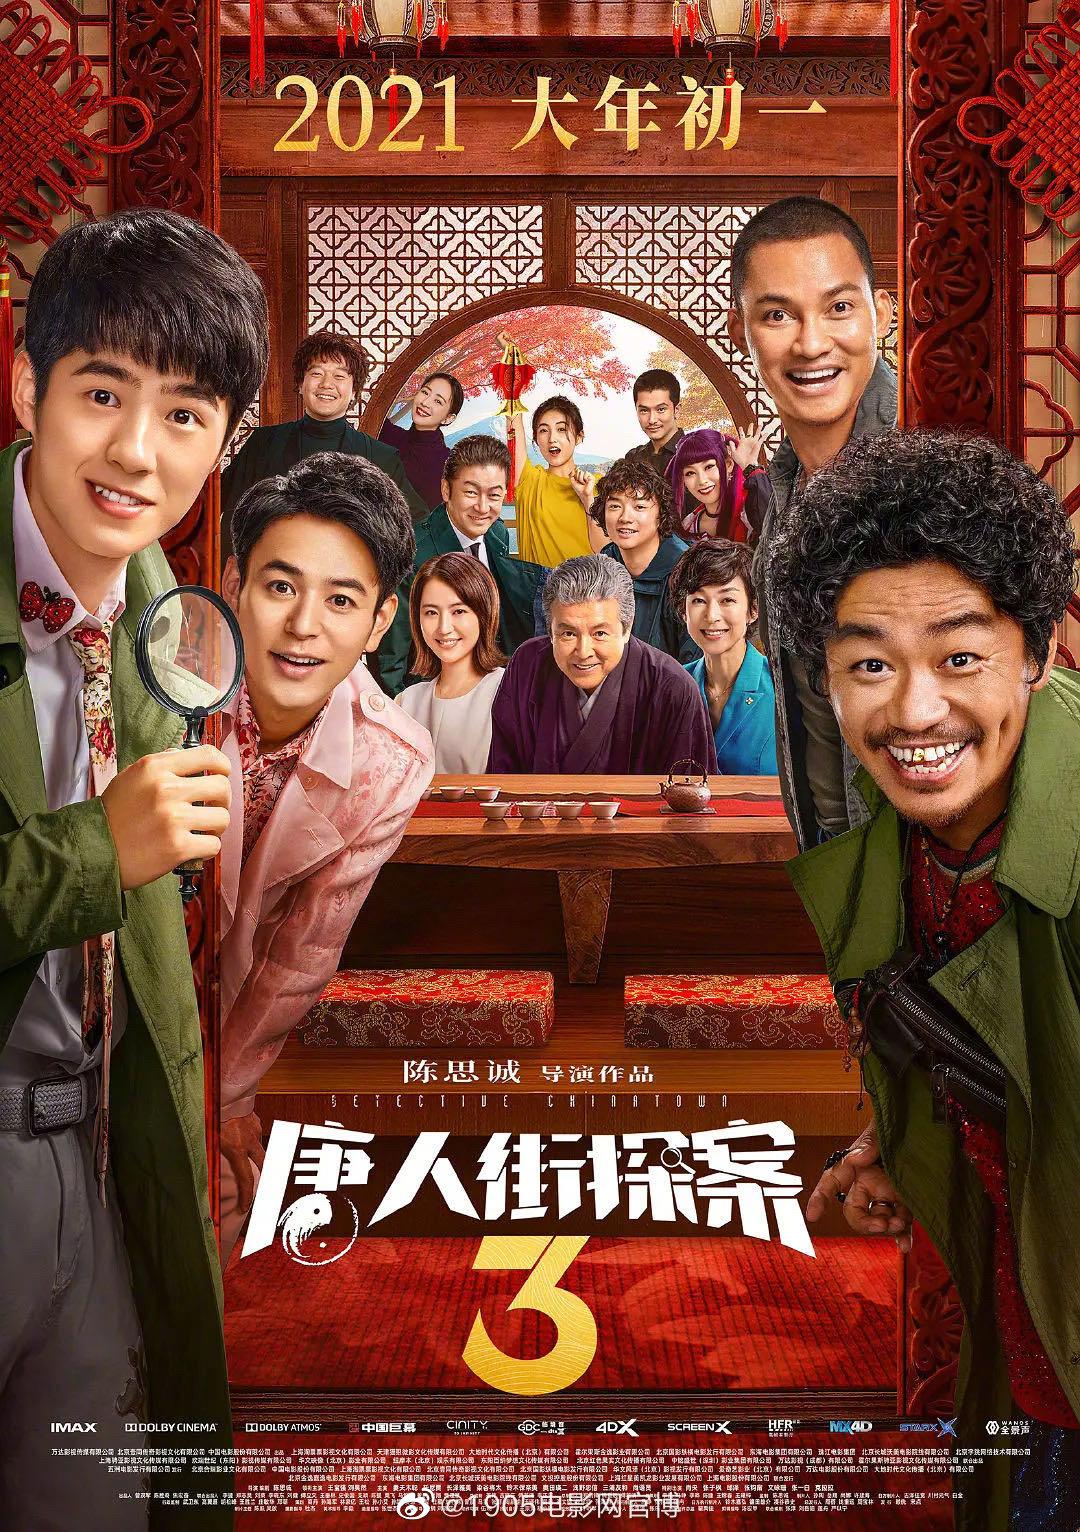 中国2月票房超122亿创新高 李焕英力压唐人街探案3持续领跑